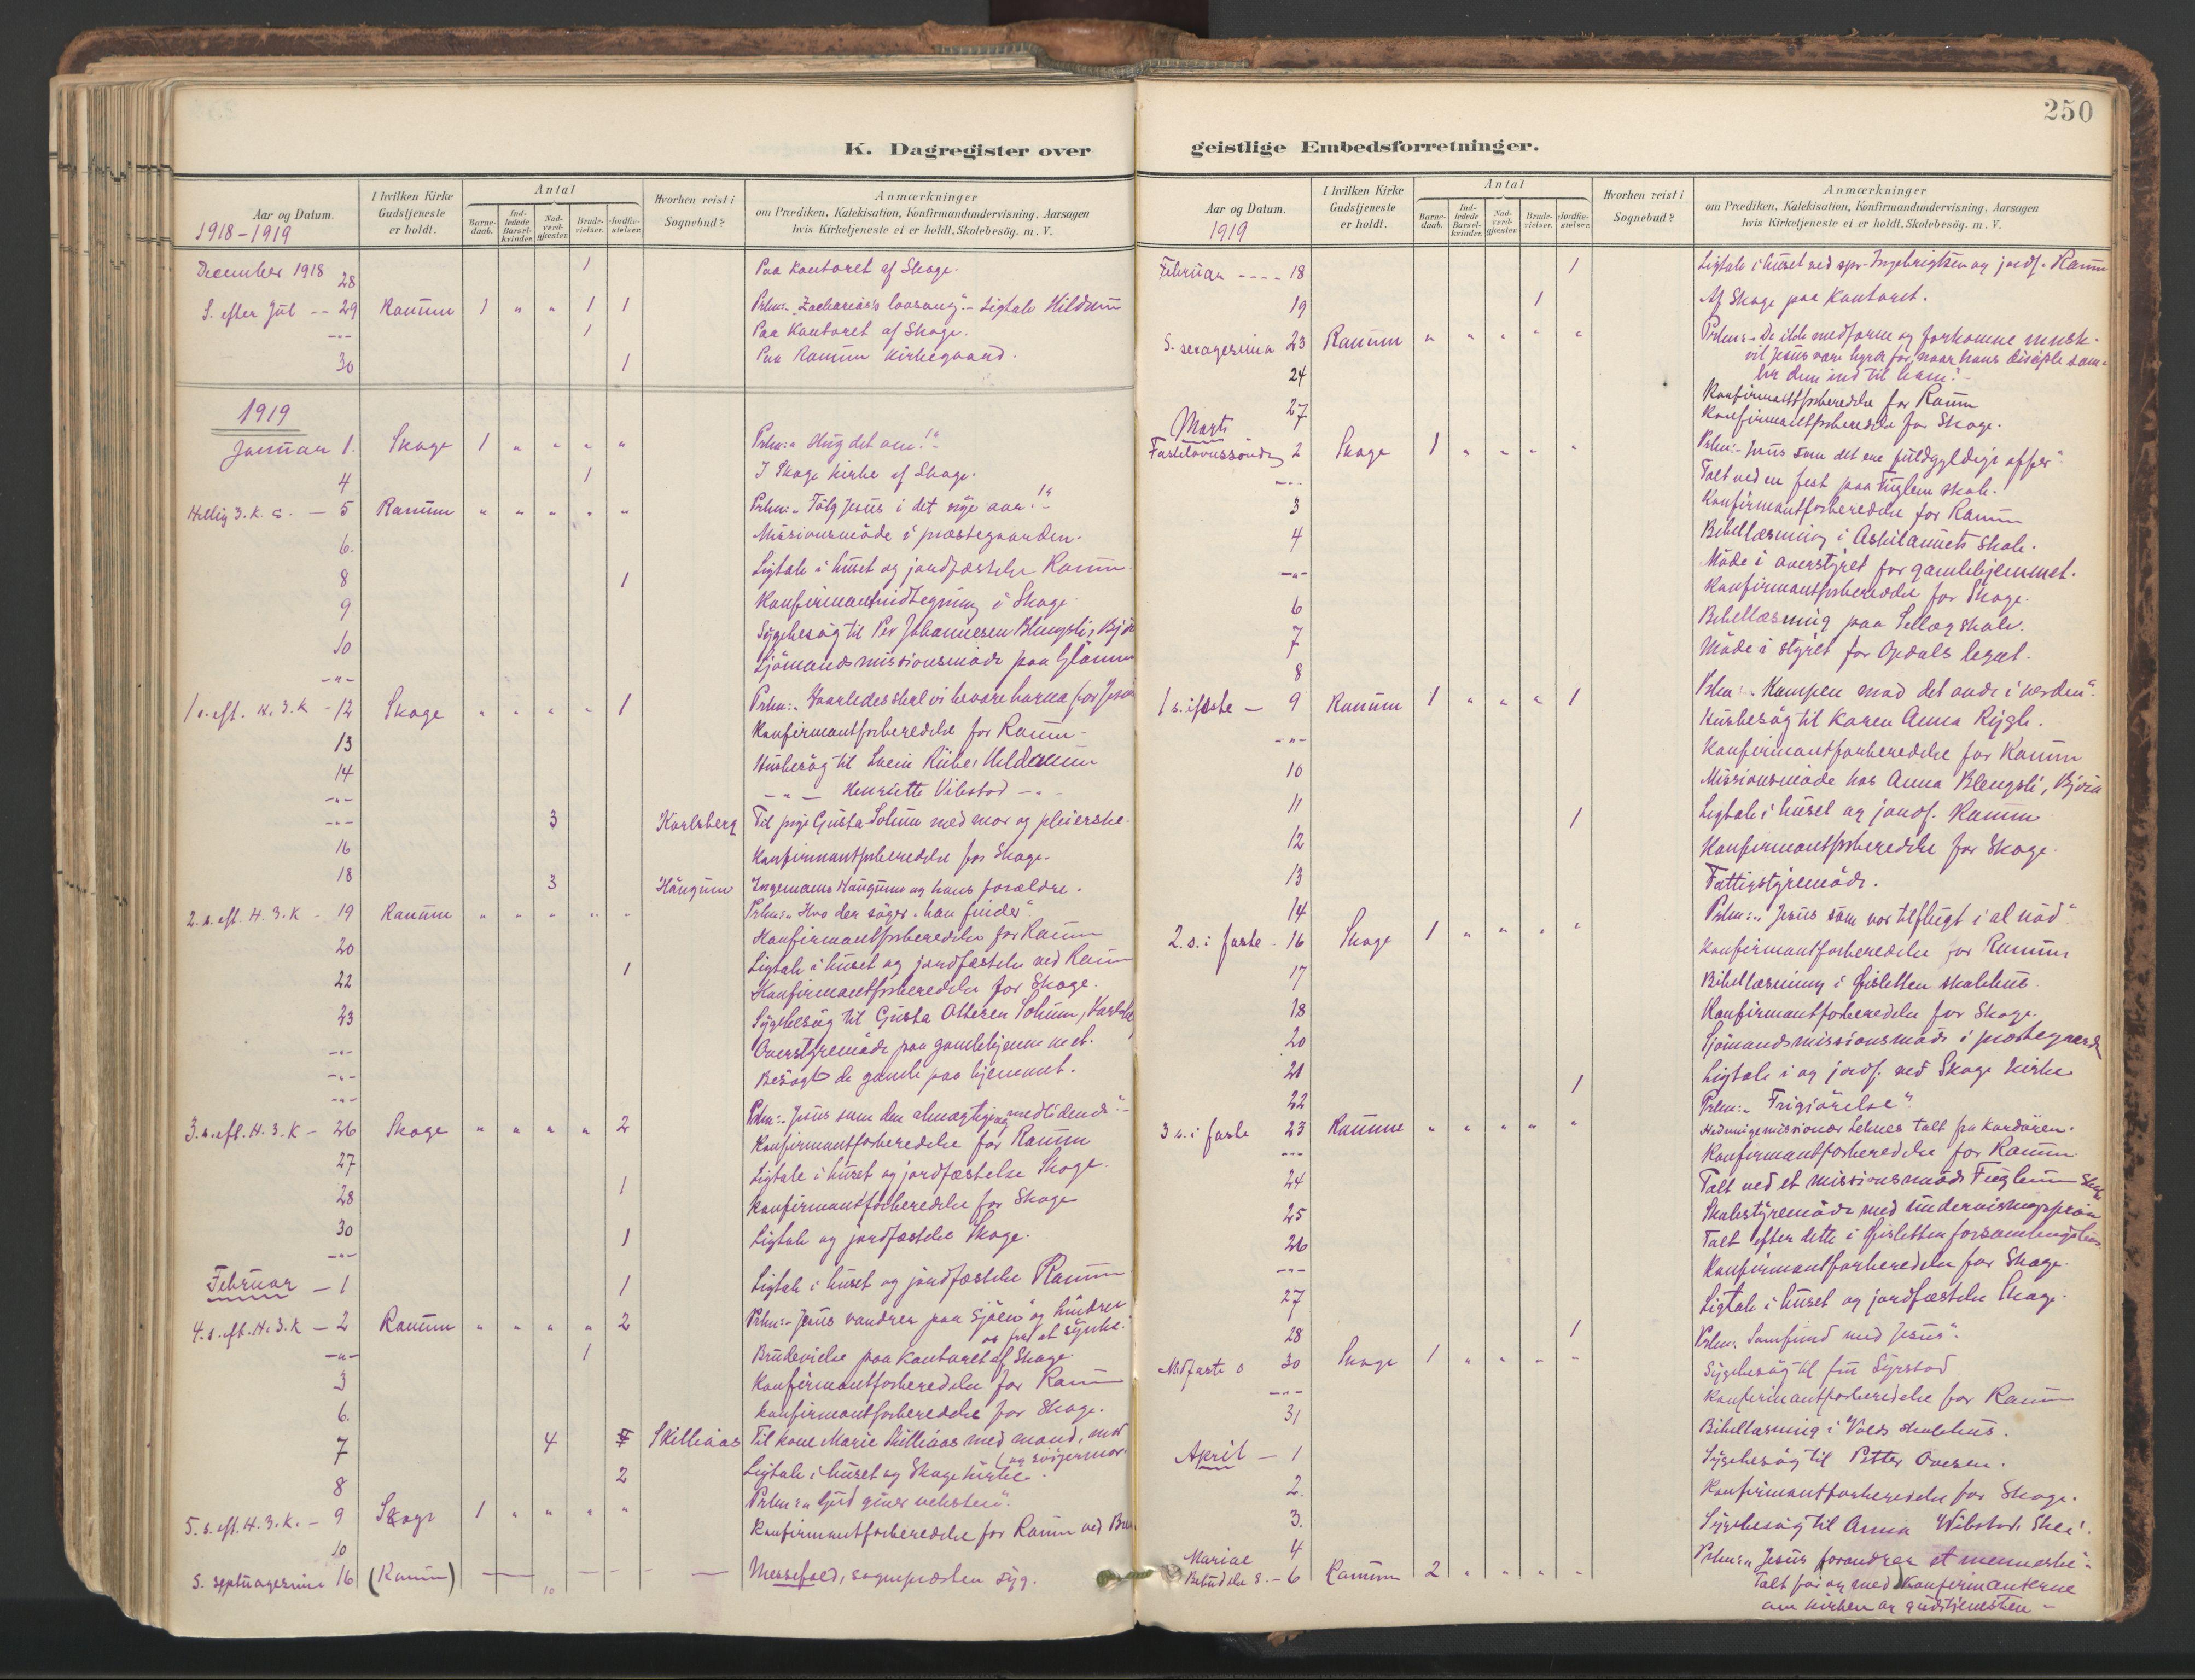 SAT, Ministerialprotokoller, klokkerbøker og fødselsregistre - Nord-Trøndelag, 764/L0556: Ministerialbok nr. 764A11, 1897-1924, s. 250